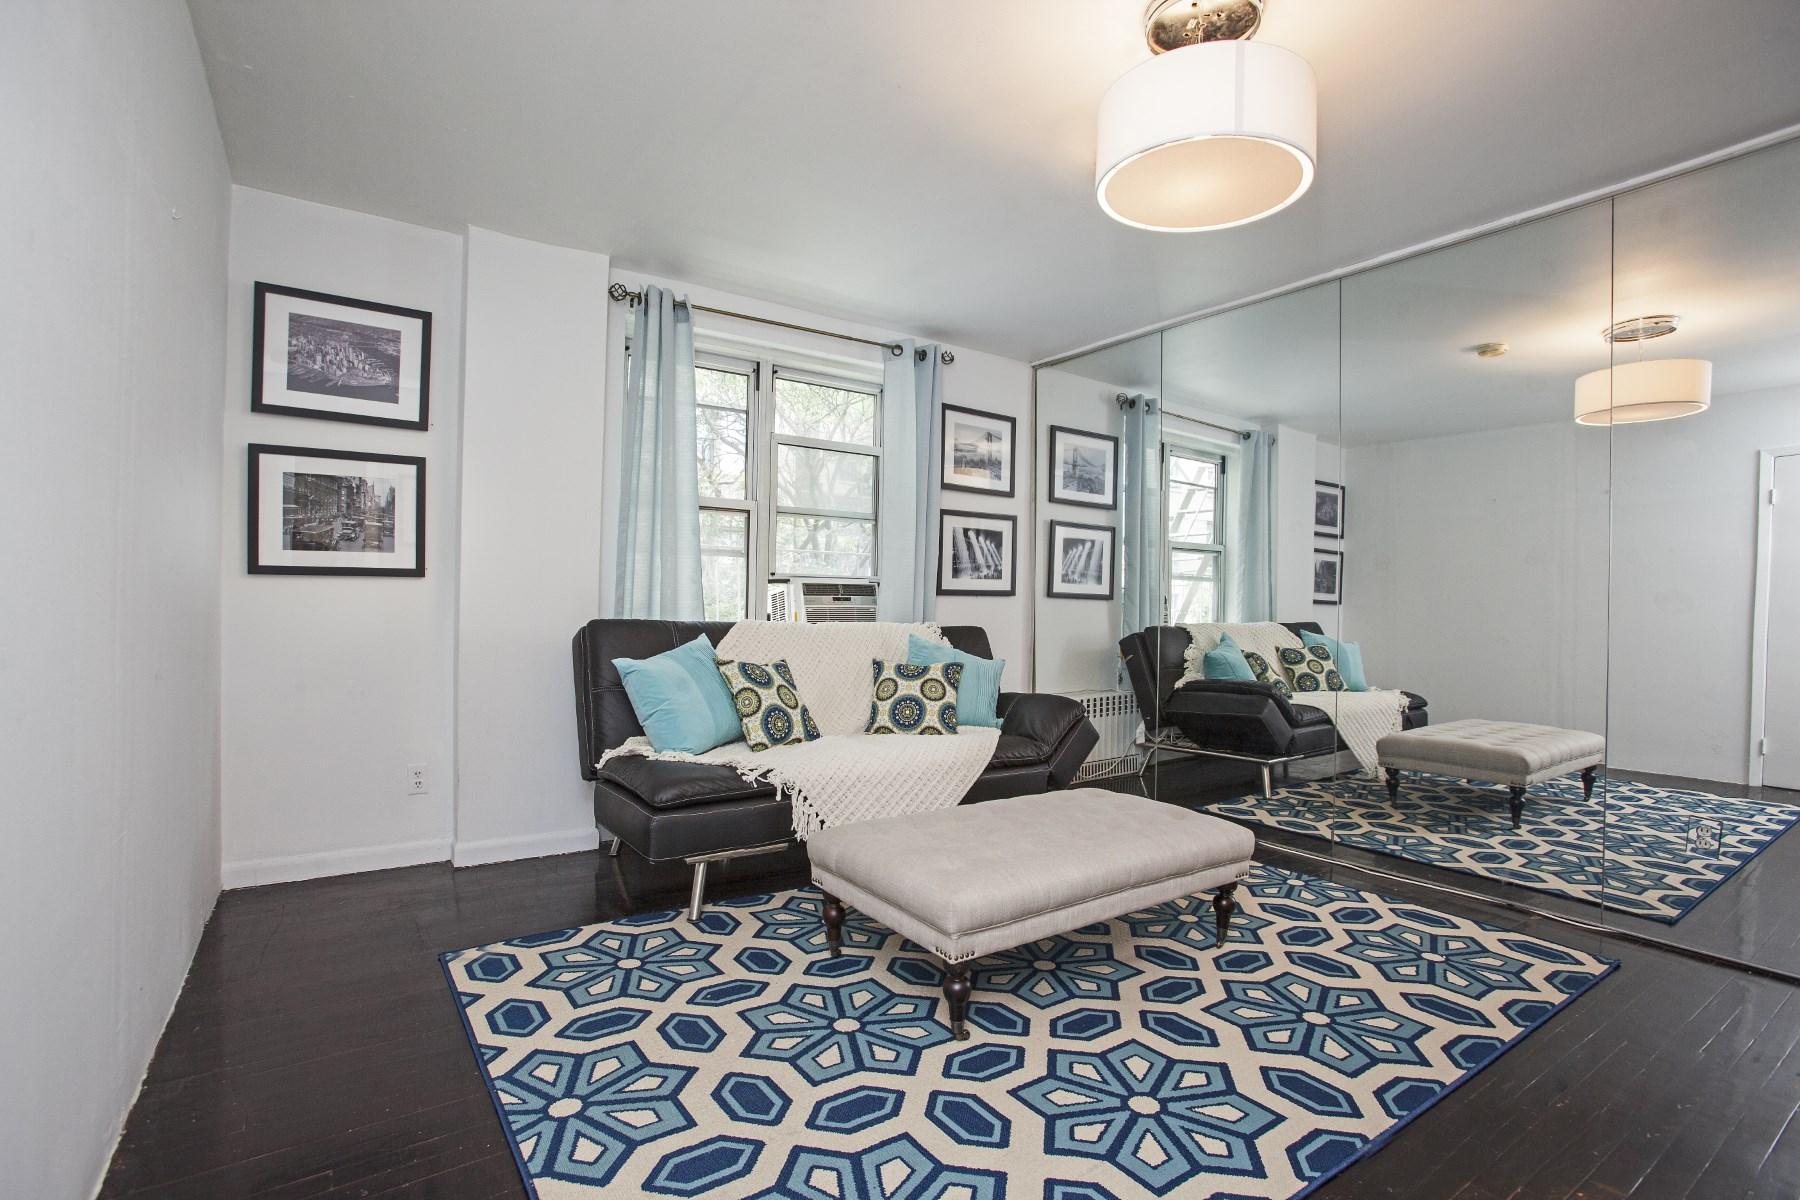 合作公寓 为 销售 在 131 West 85th Street, Apt 5A 131 West 85th Street Apt 5a Upper West Side, 纽约, 纽约州 10024 美国